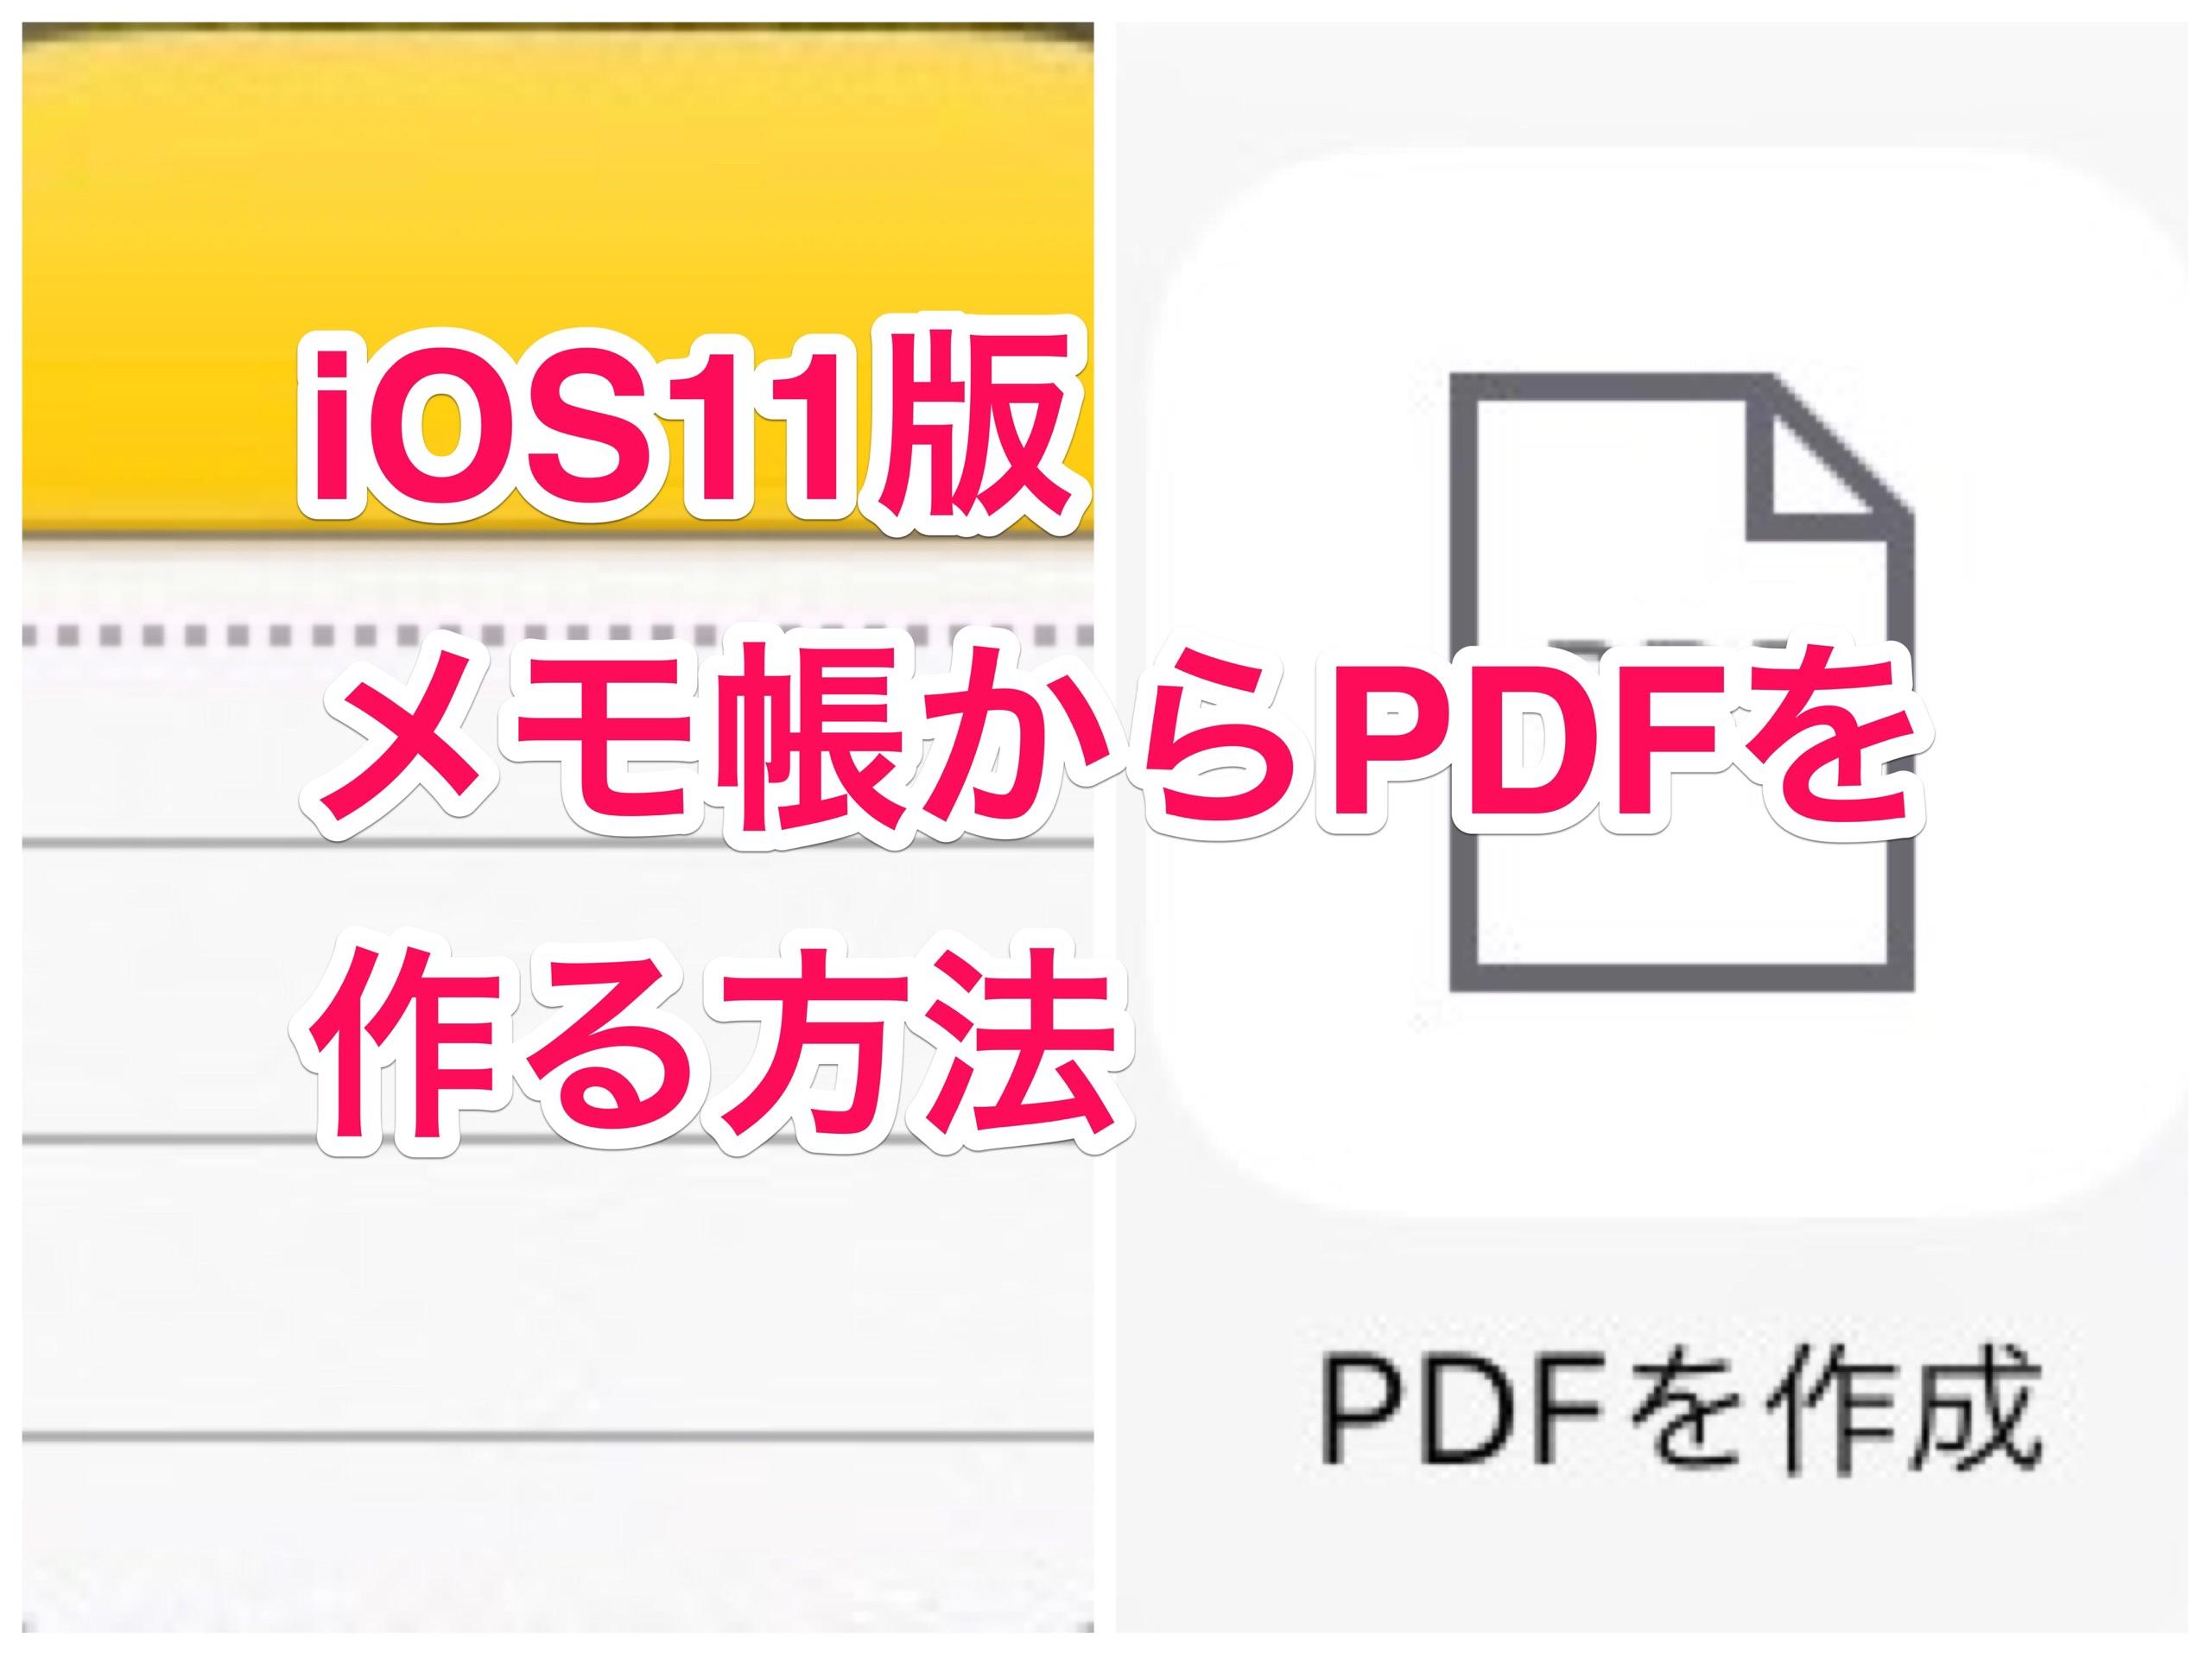 pdf 変換できないようにする